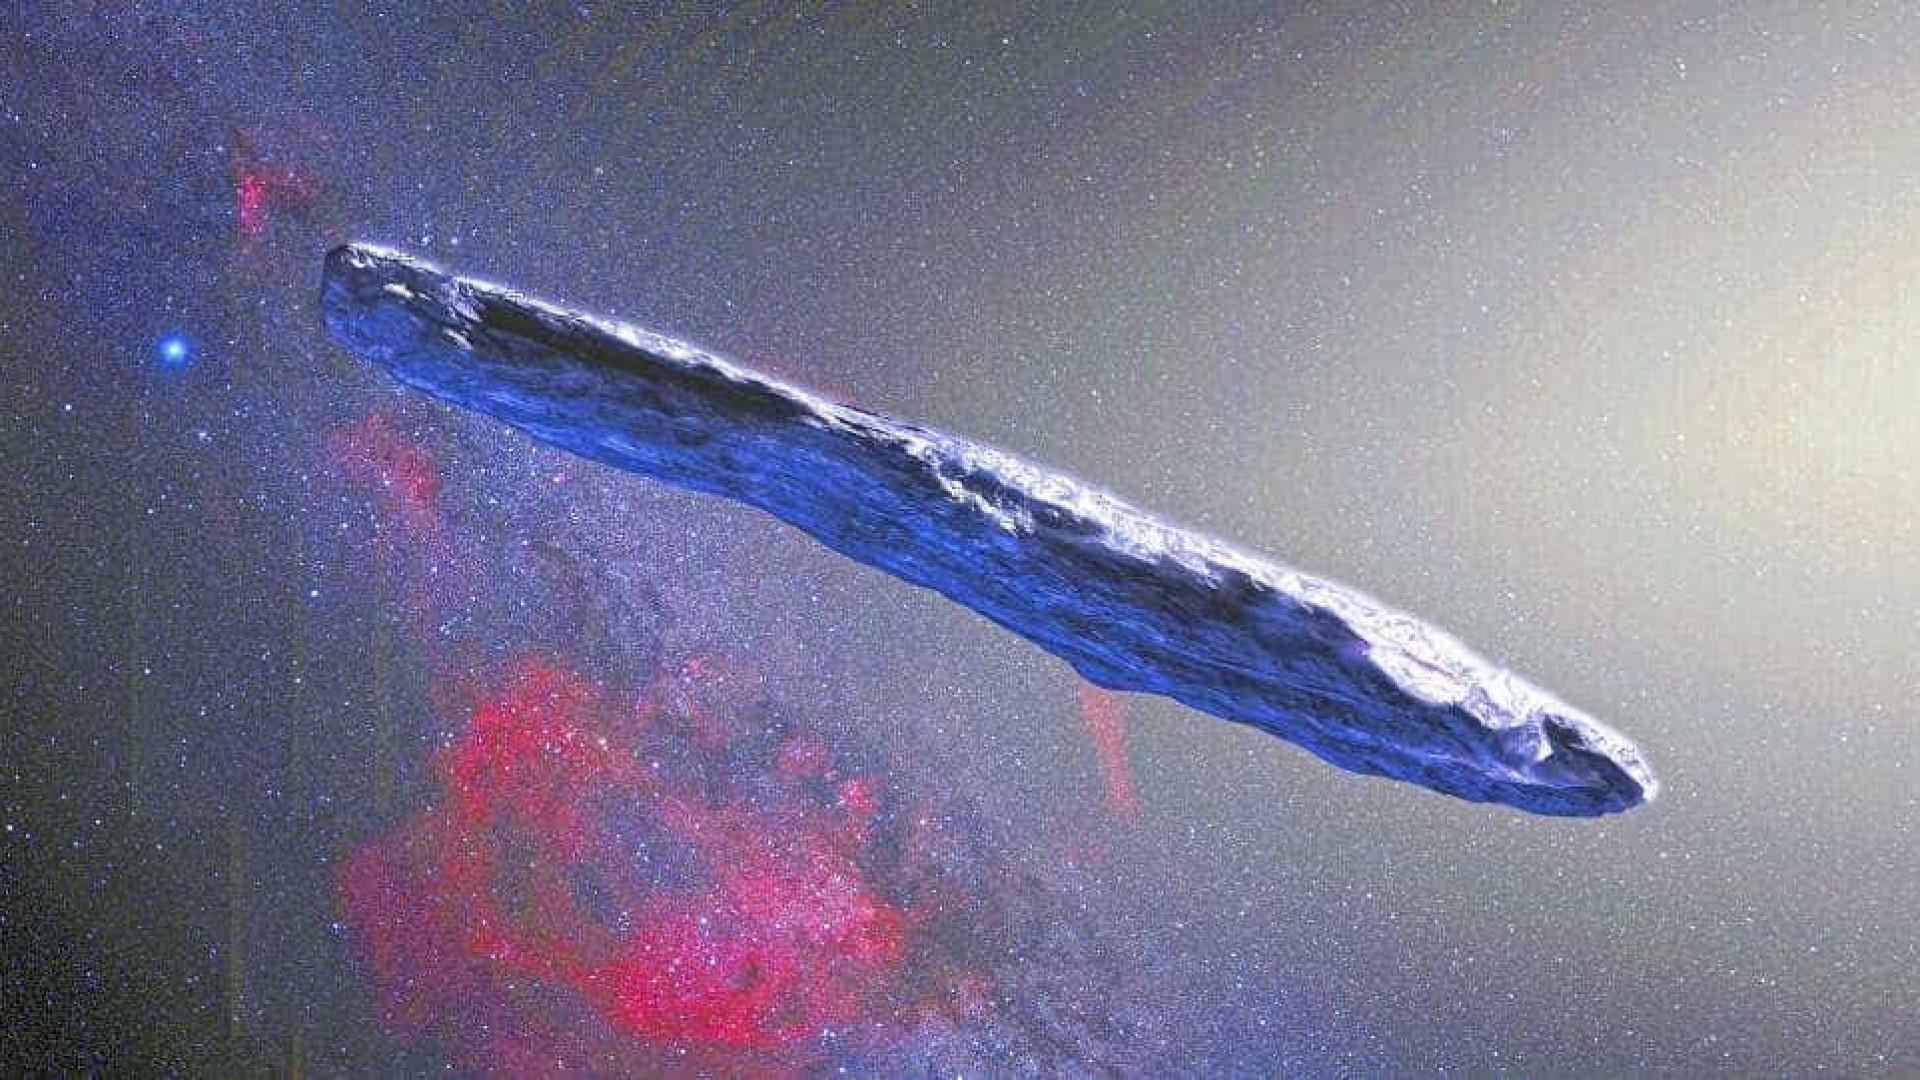 Cientistas revelam 'passado violento' de asteroide parecido com nave